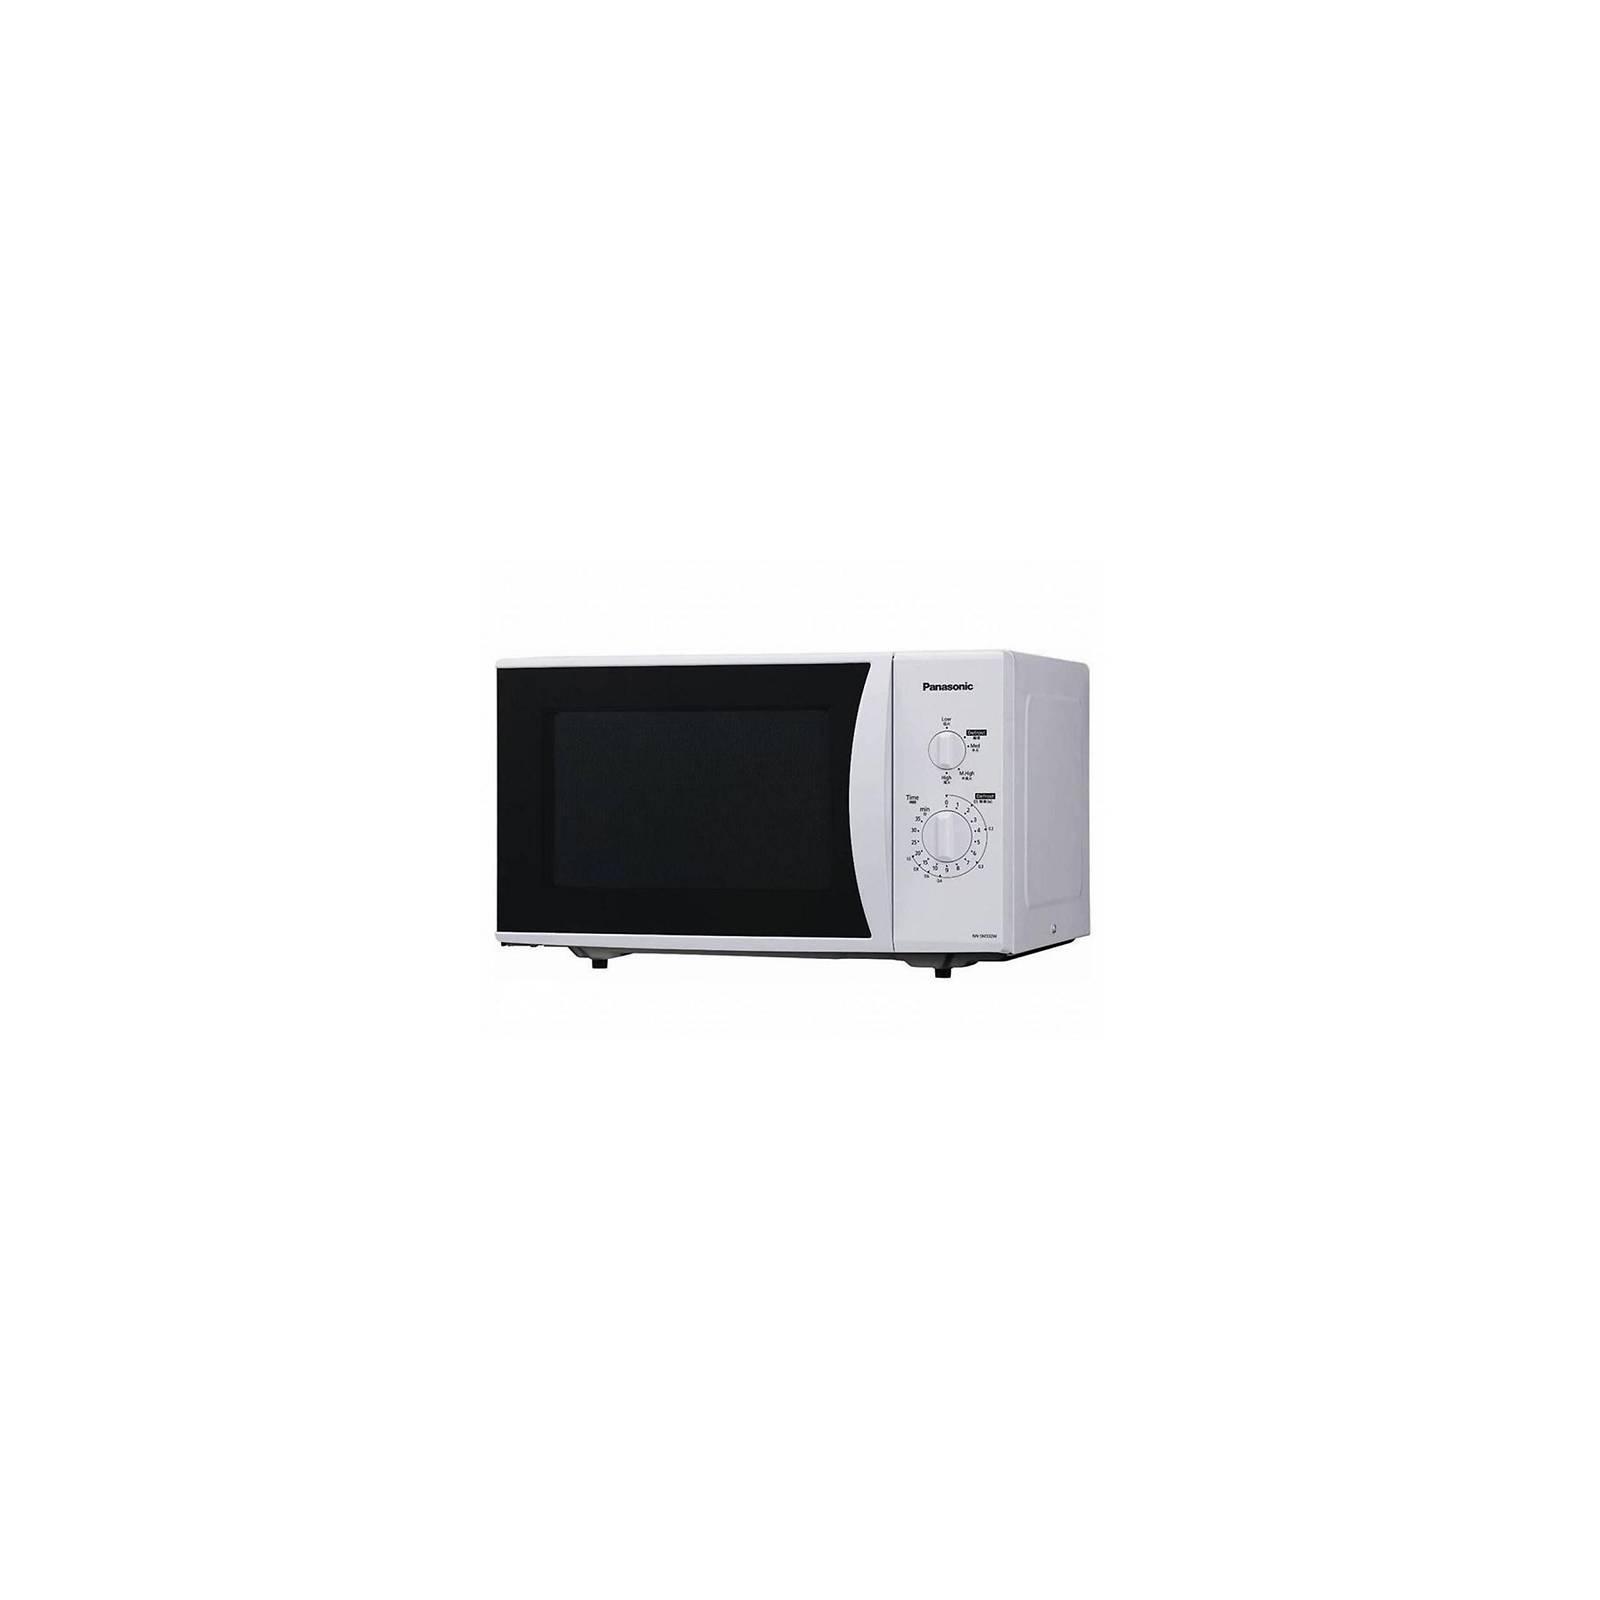 Микроволновая печь PANASONIC NN-GM342WZTE изображение 2